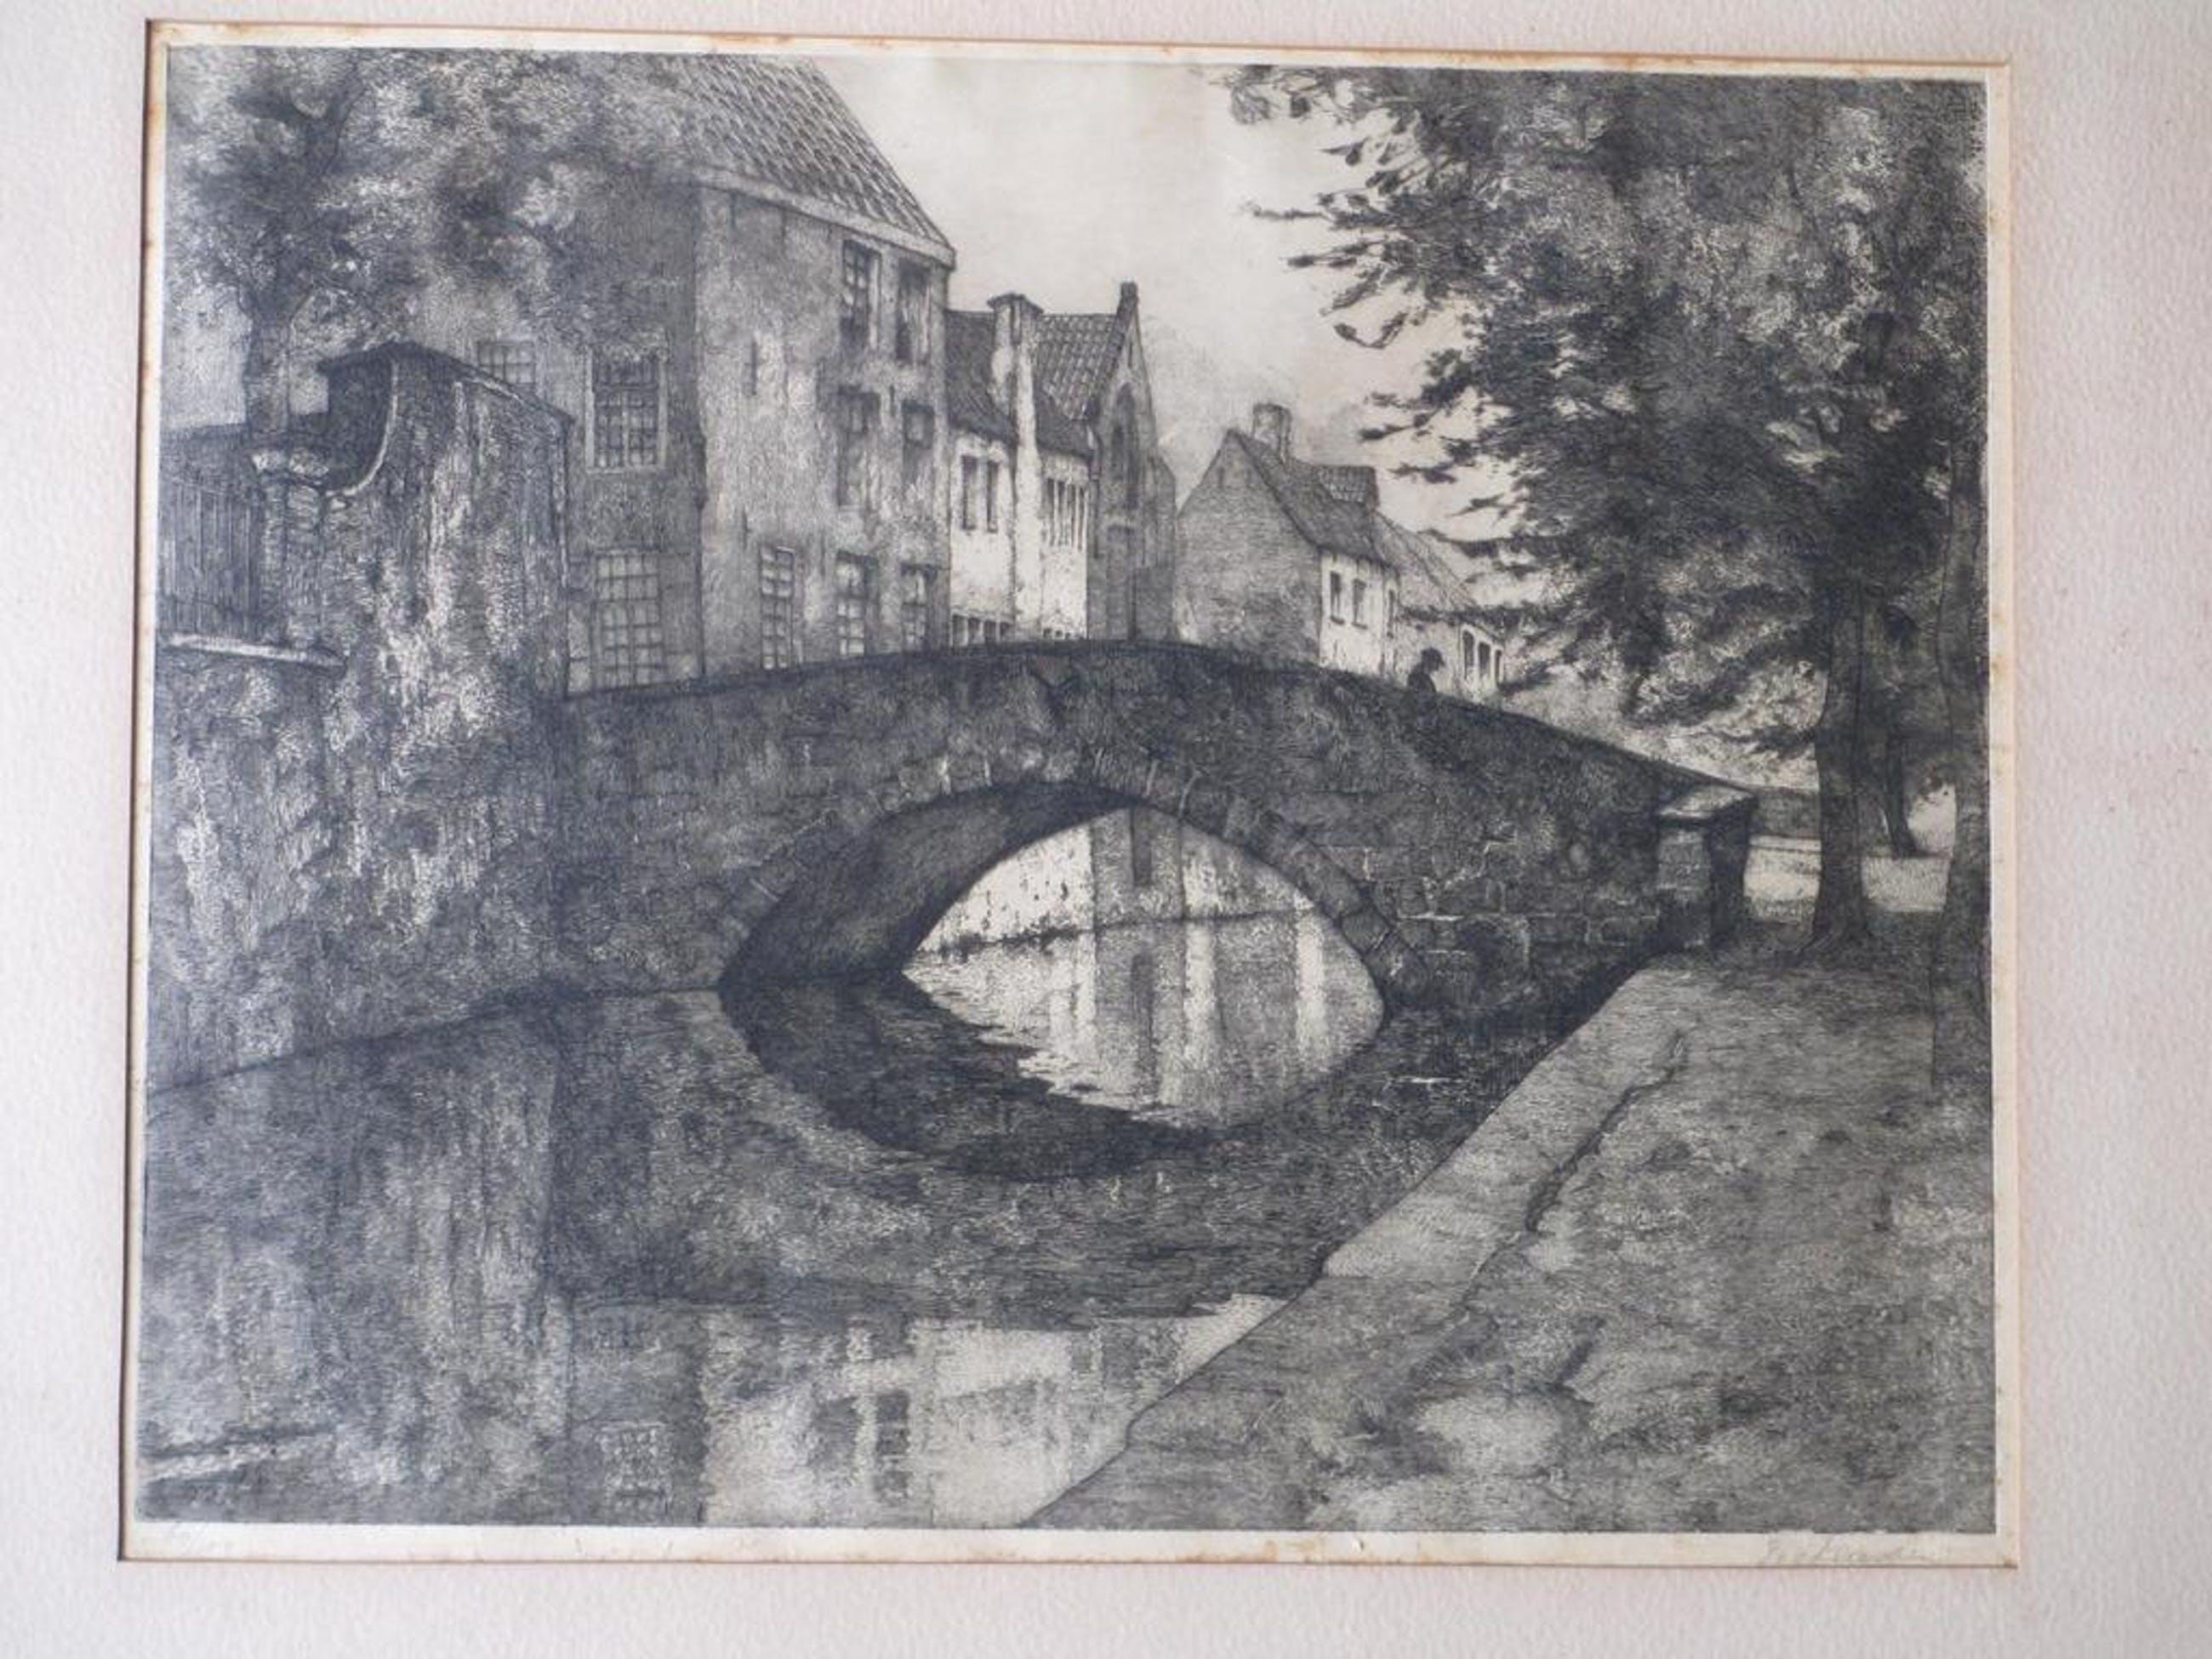 Willem van Leusden, Huizen aan een stadsgracht, Ets kopen? Bied vanaf 40!